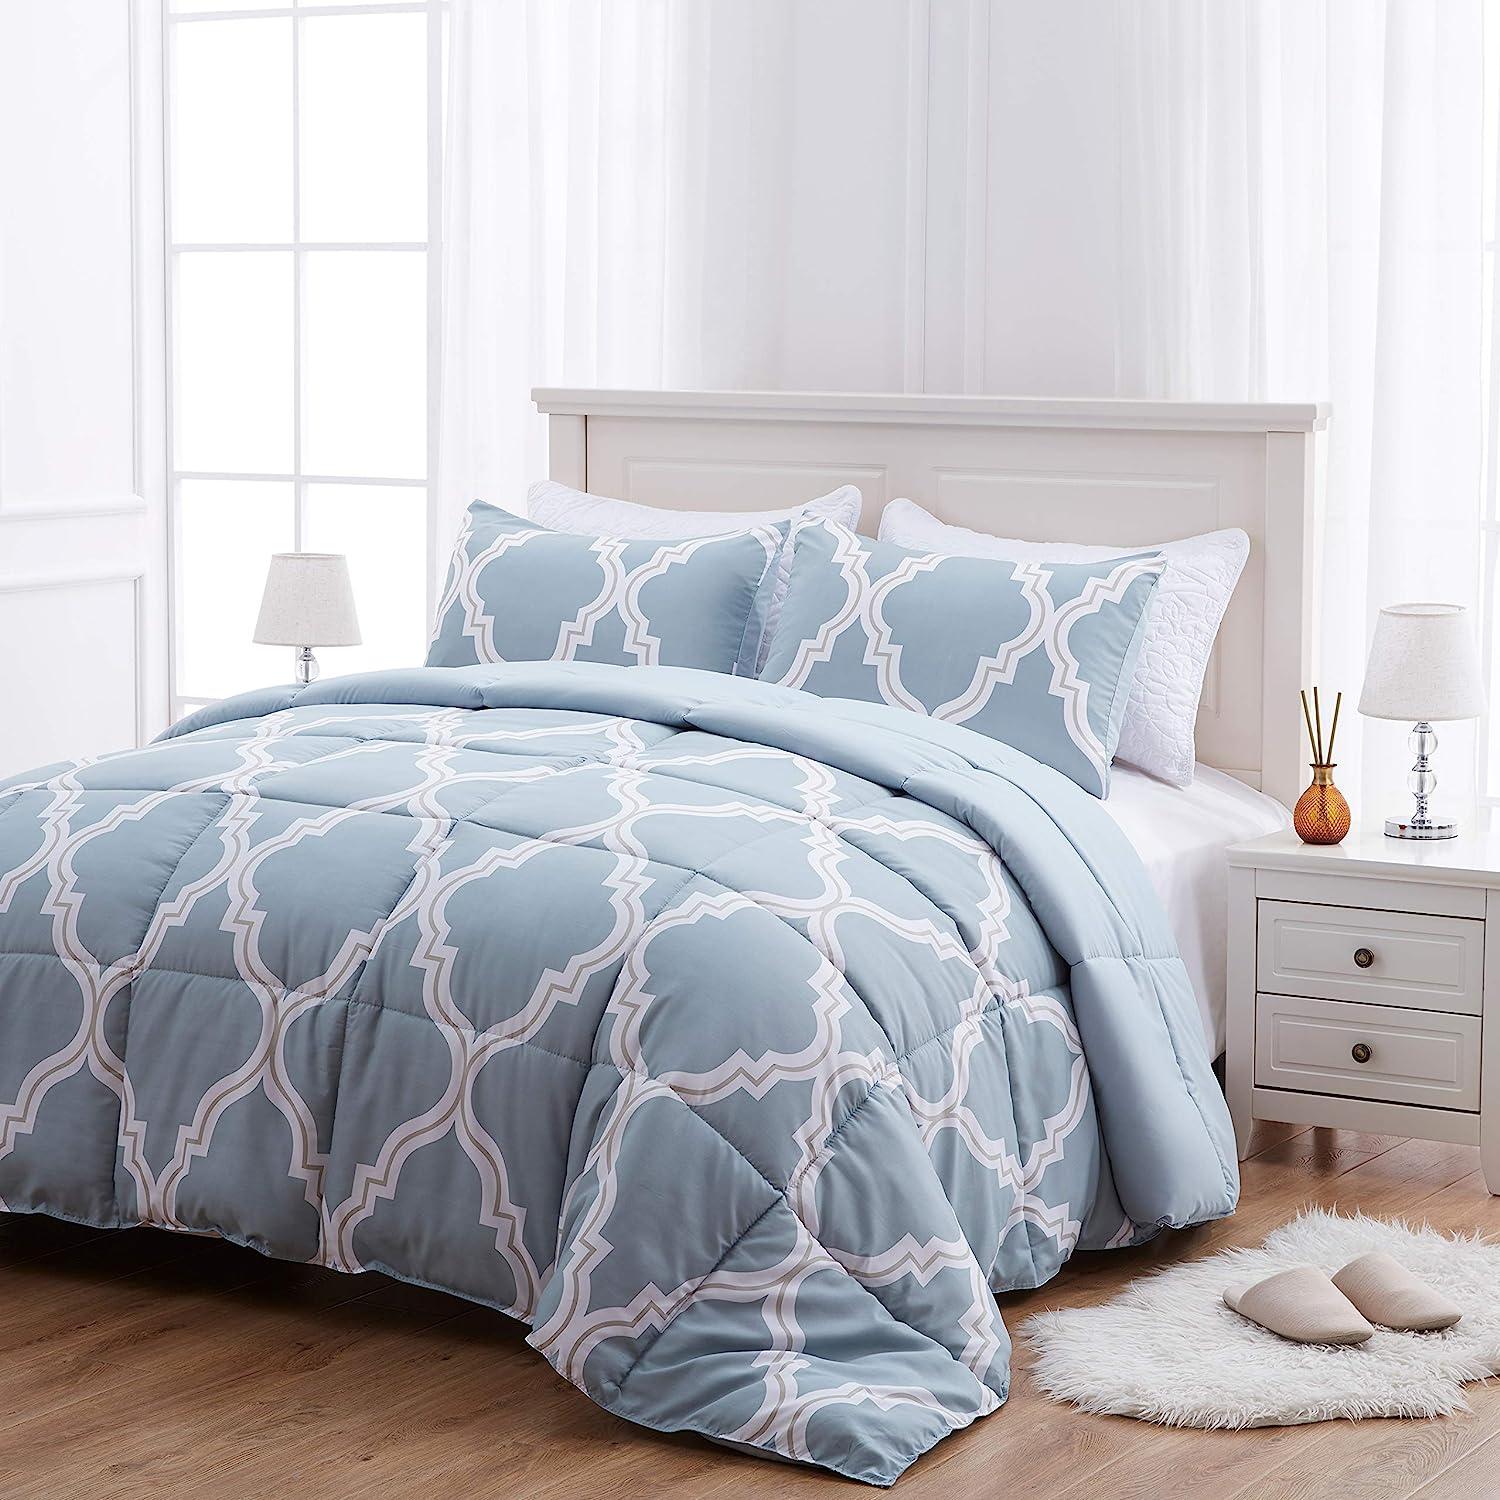 SEMECH Twin Down Comforter Bedding NEW Set Comfort Memphis Mall Alternative